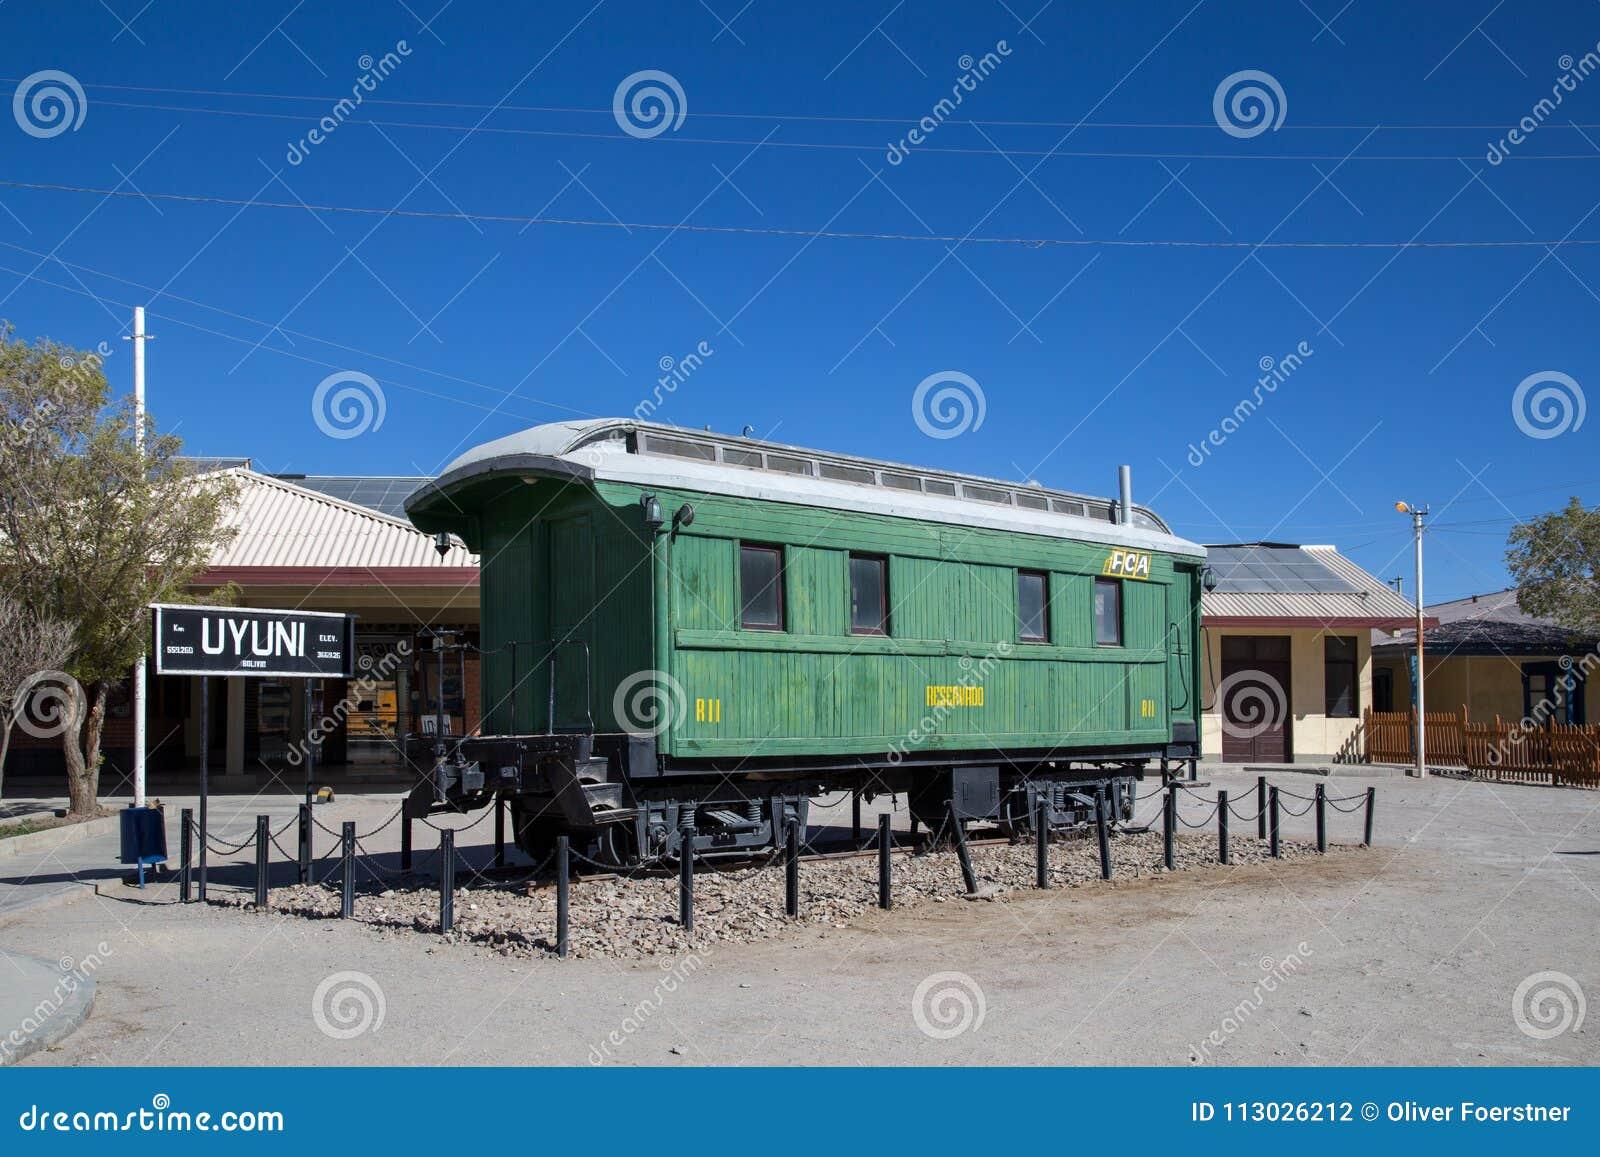 Vagone davanti alla stazione ferroviaria di Uyuni